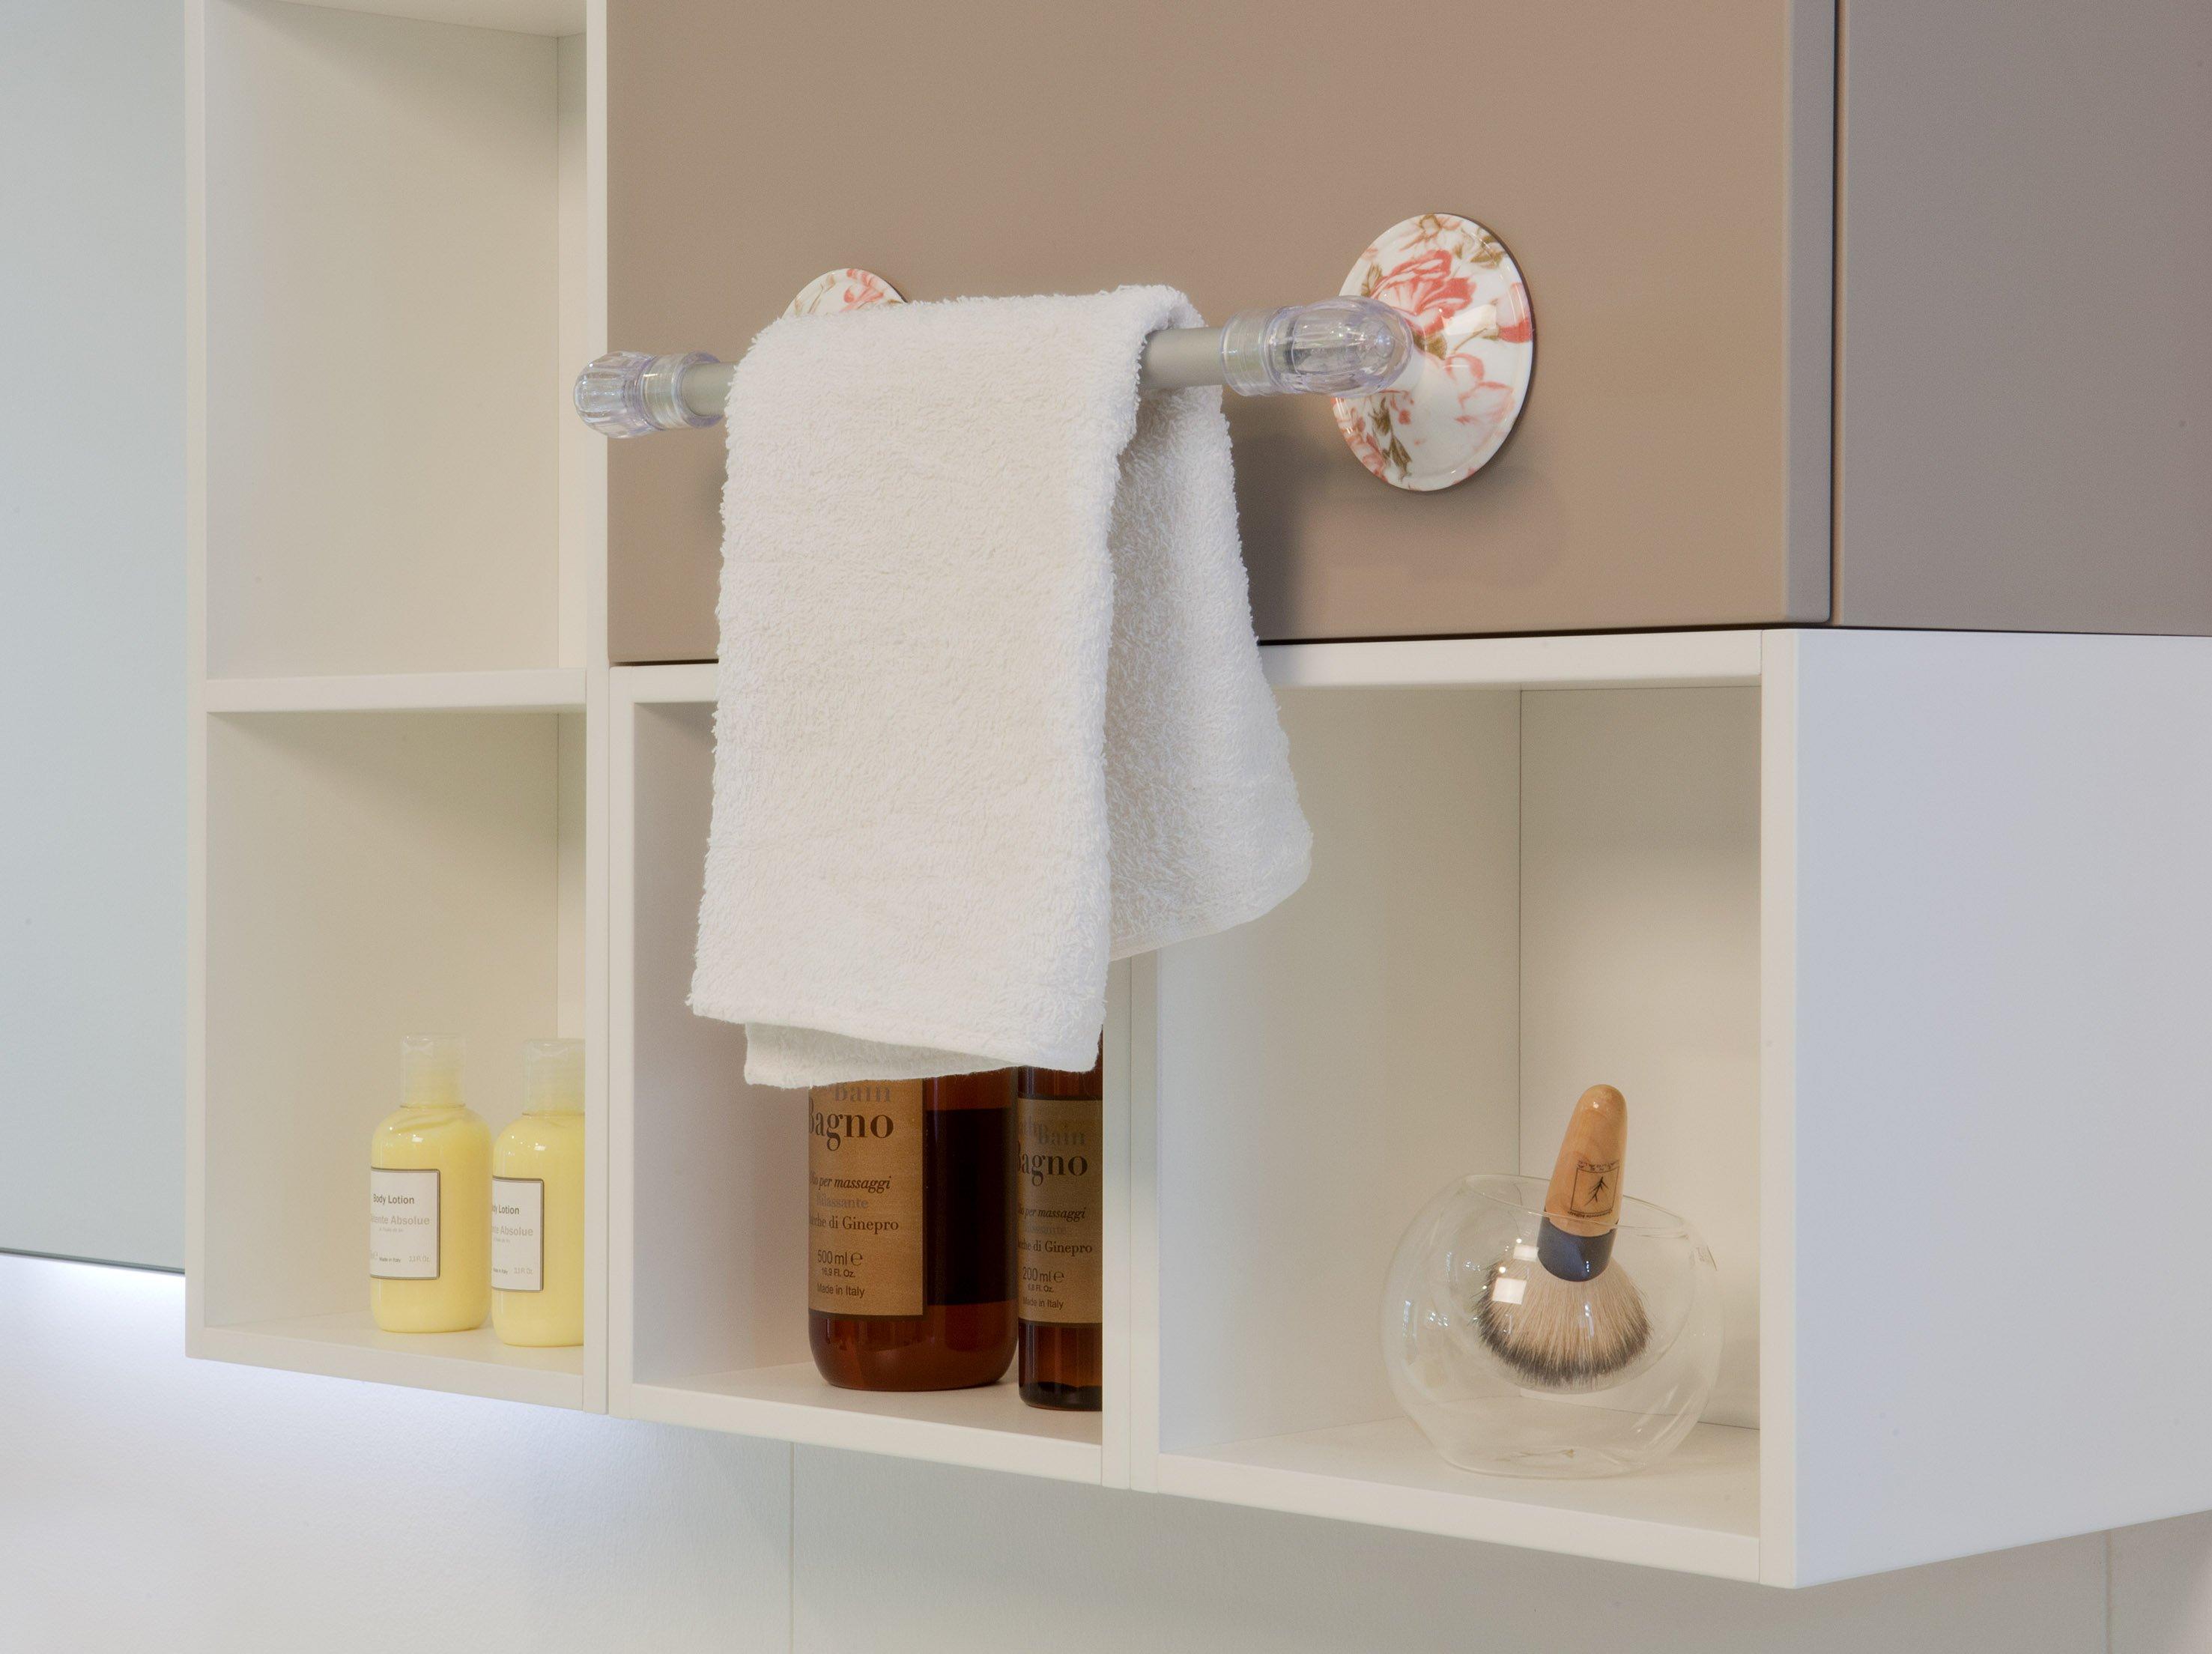 In bagno accessori senza viti e tasselli cose di casa - Mobiletti per bagno shabby ...